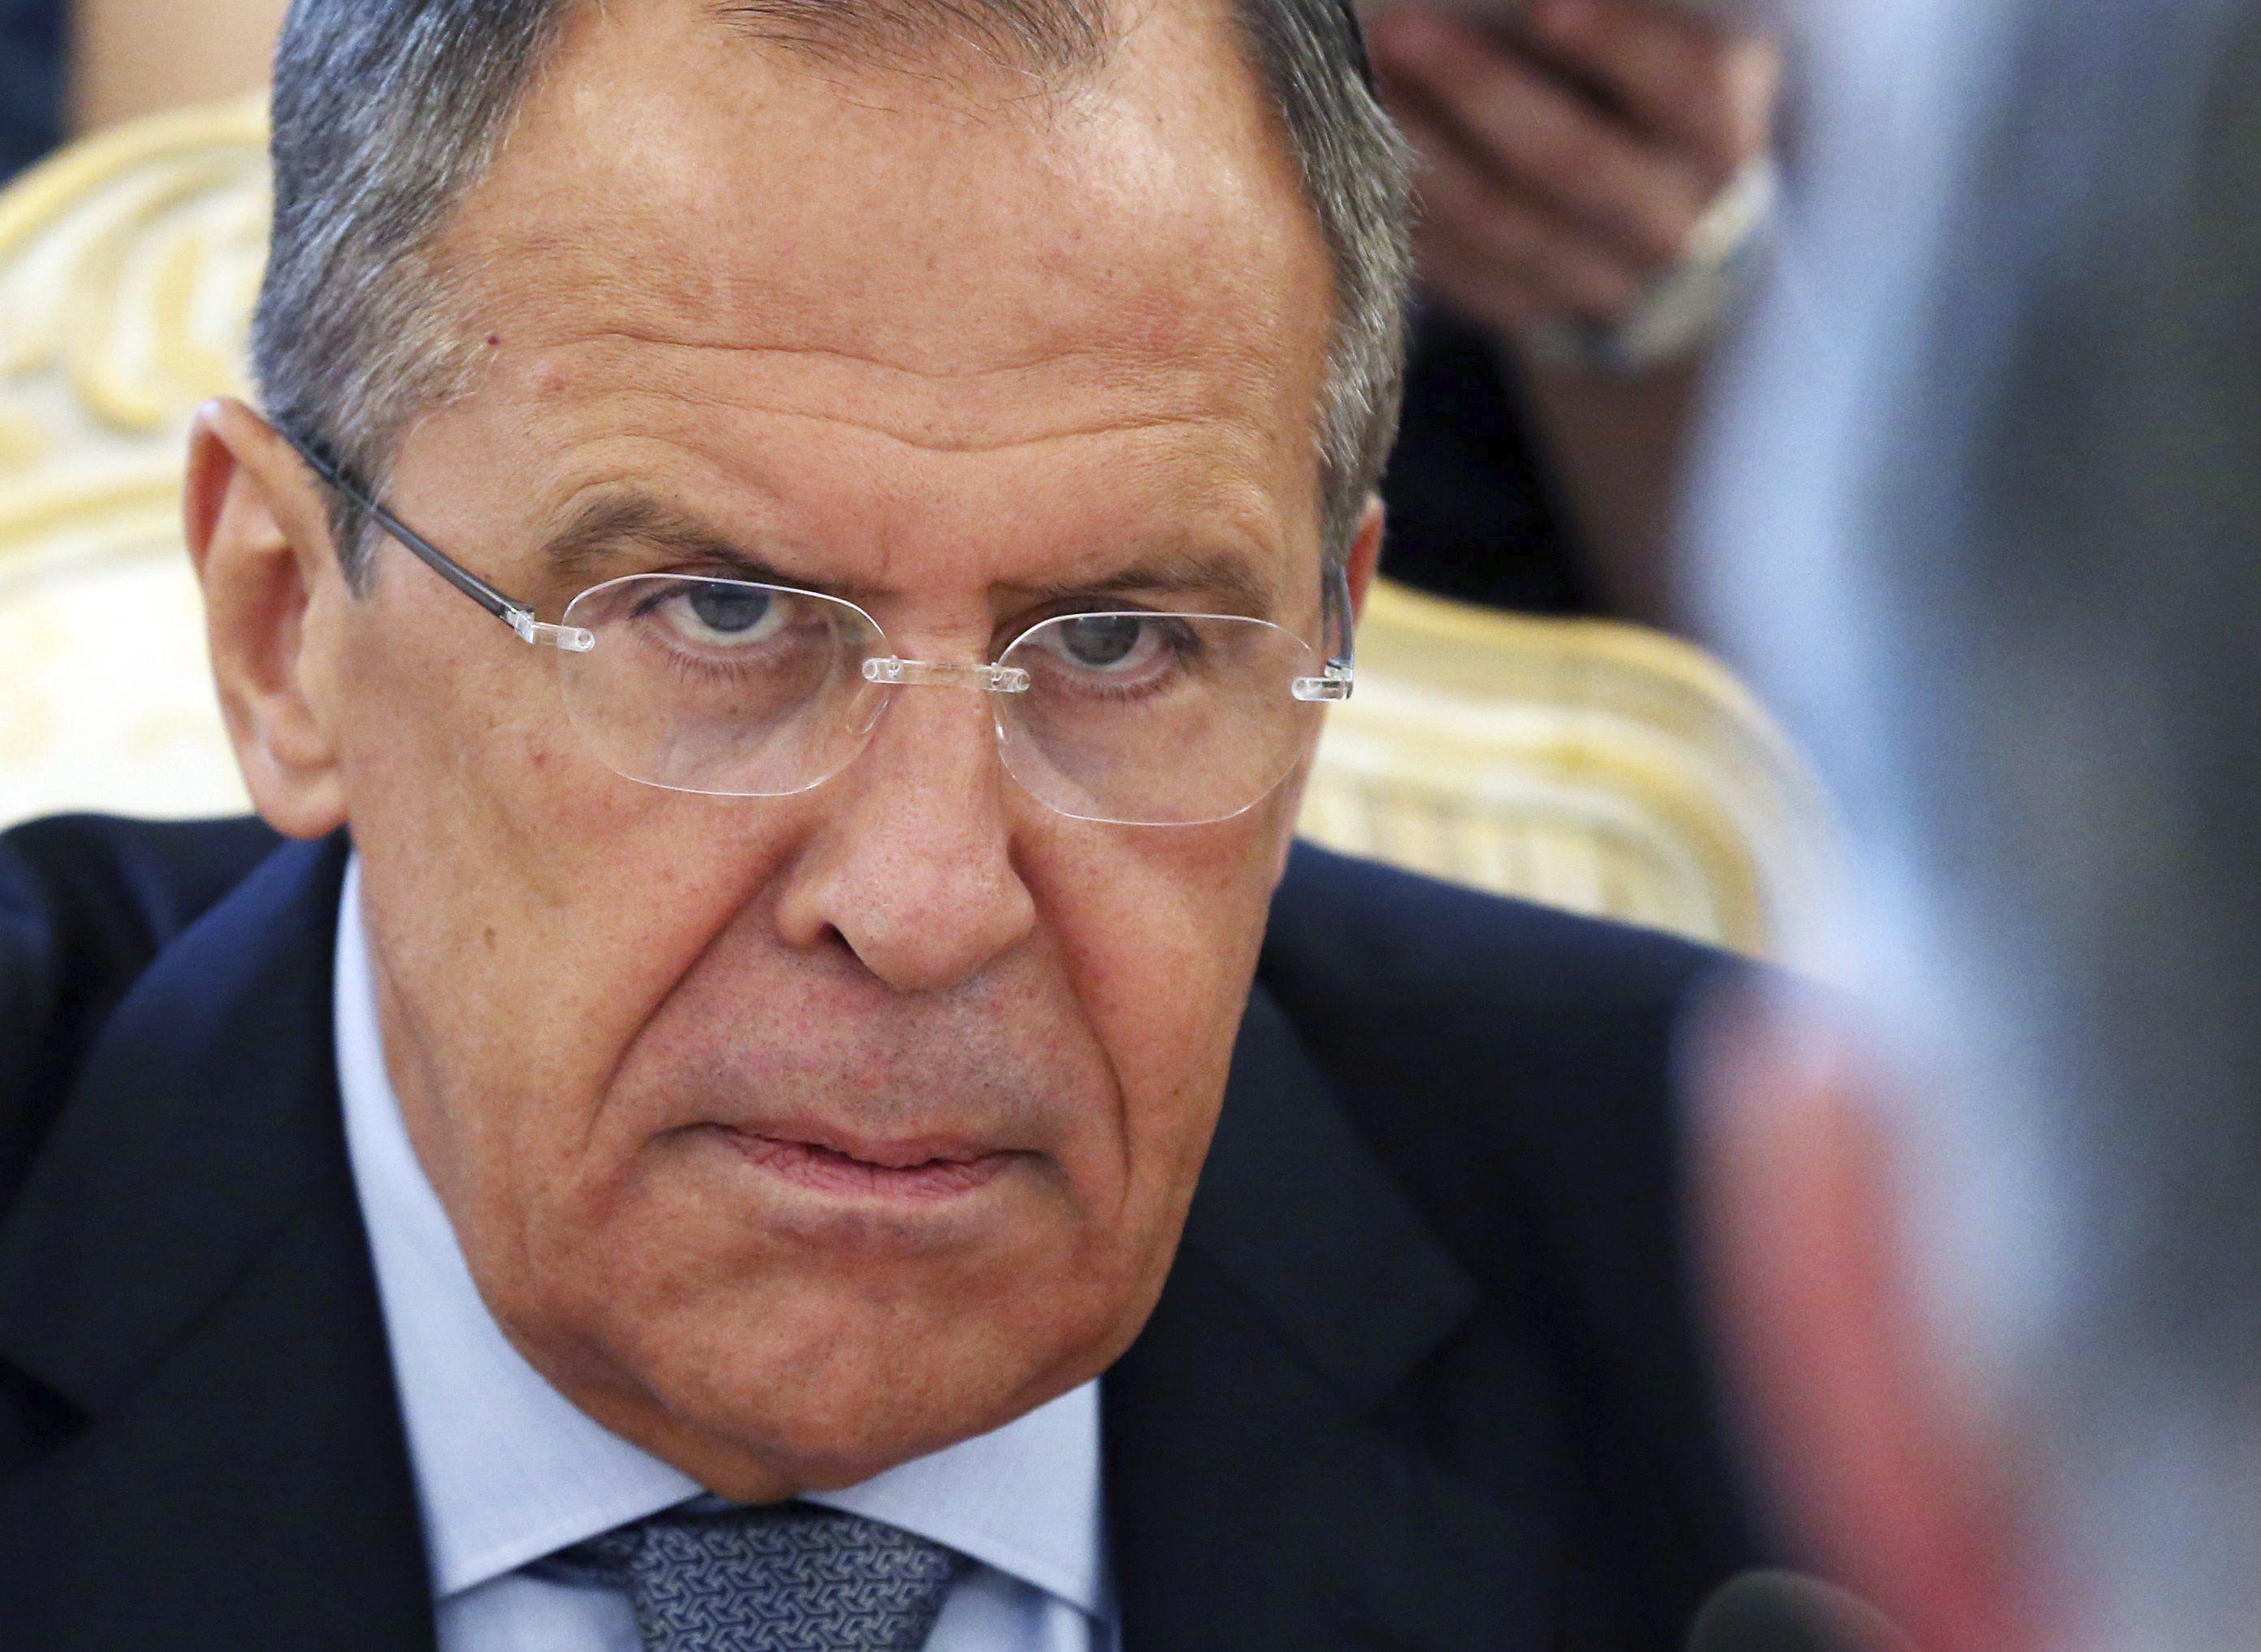 La intervención en Siria irrumpe en la campaña alemana con la oposición ciudadana